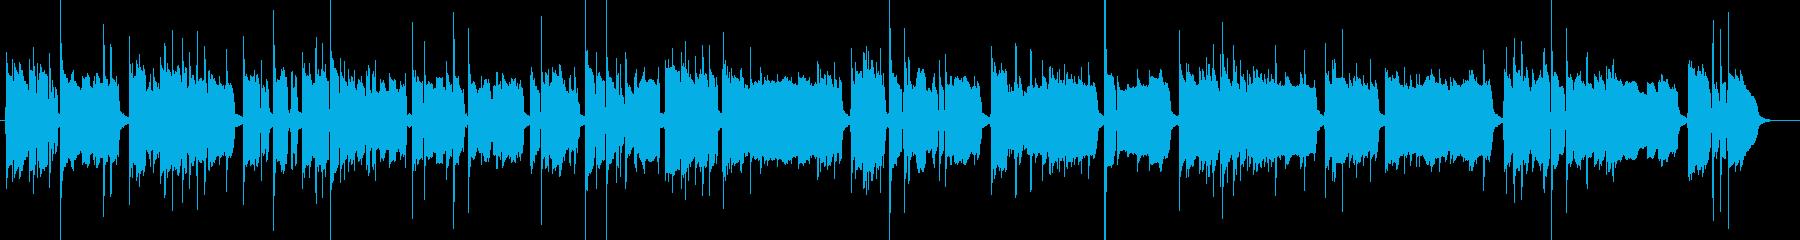 主旋律が強めのハードボイルドなジャズの再生済みの波形